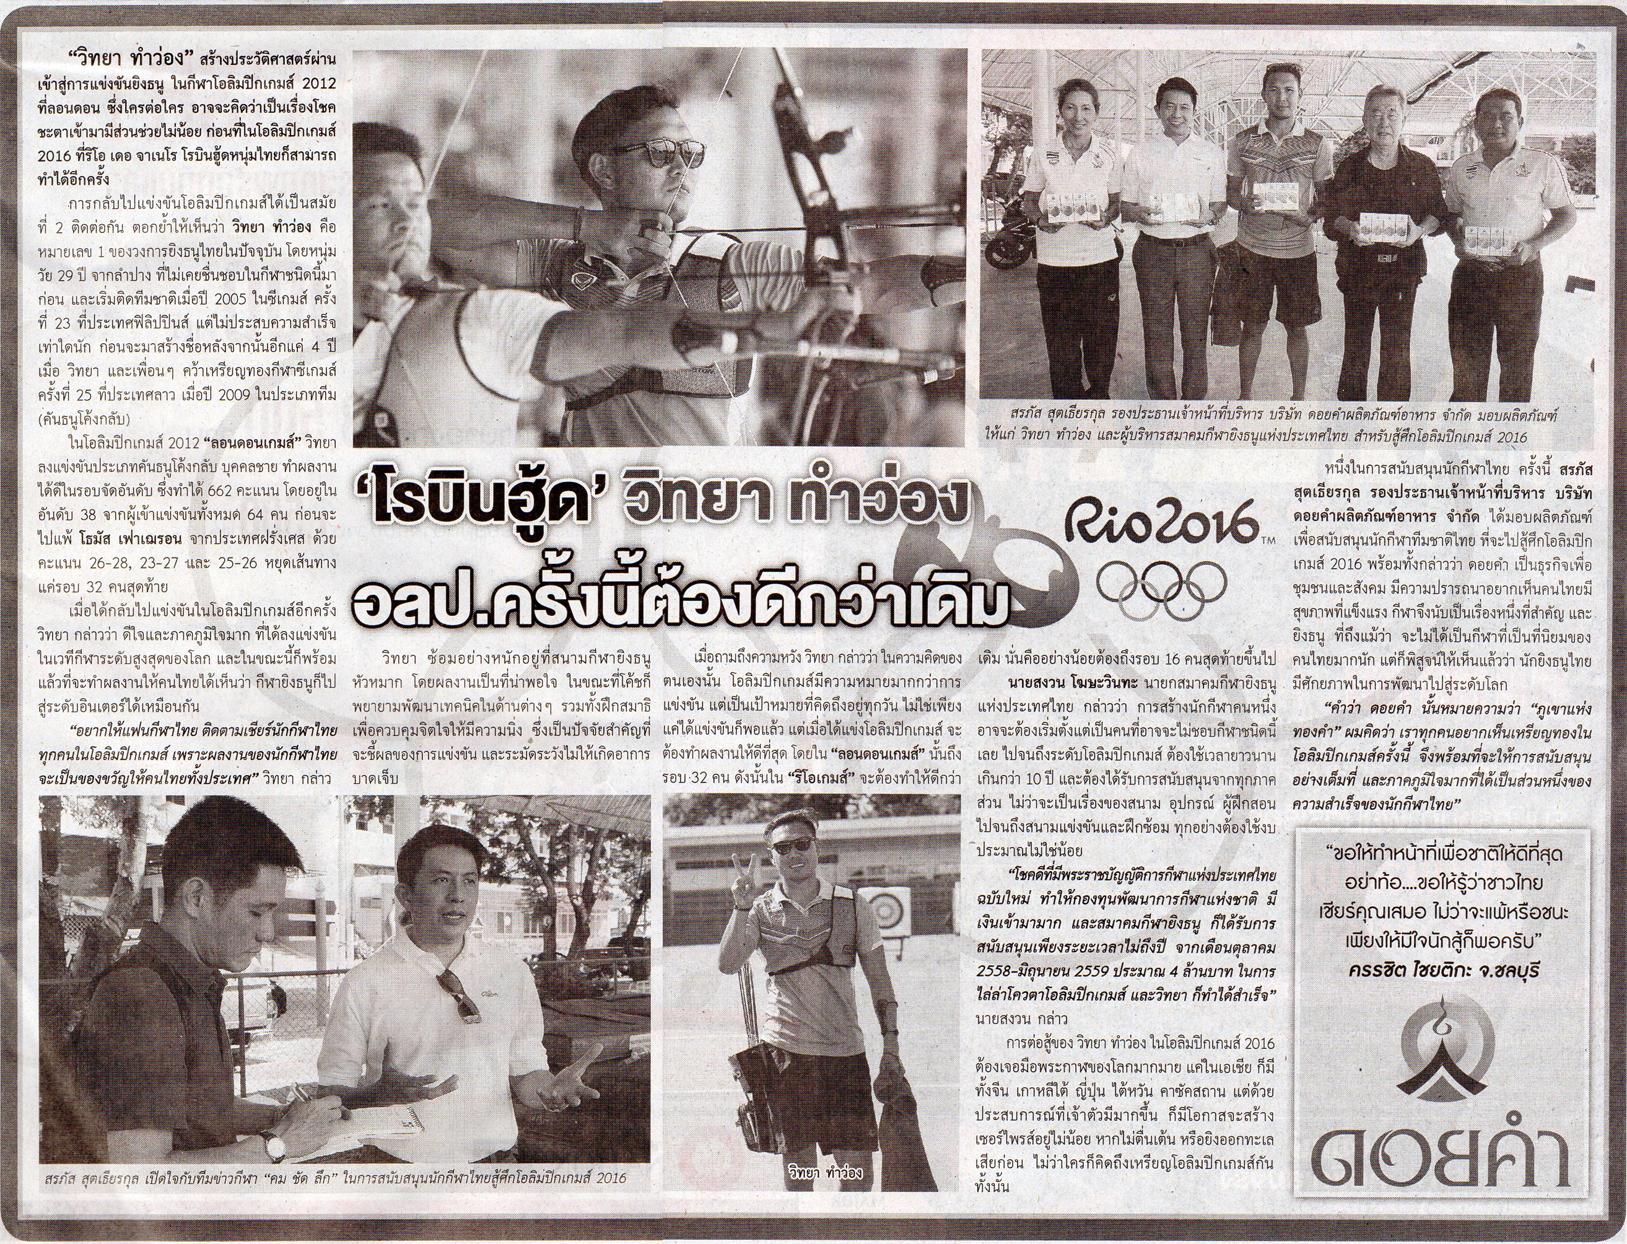 """ข่าวหนังสือพิมพ์ - """"วิทยา"""" คว้าโควต้า ไปโอลิมปิค"""